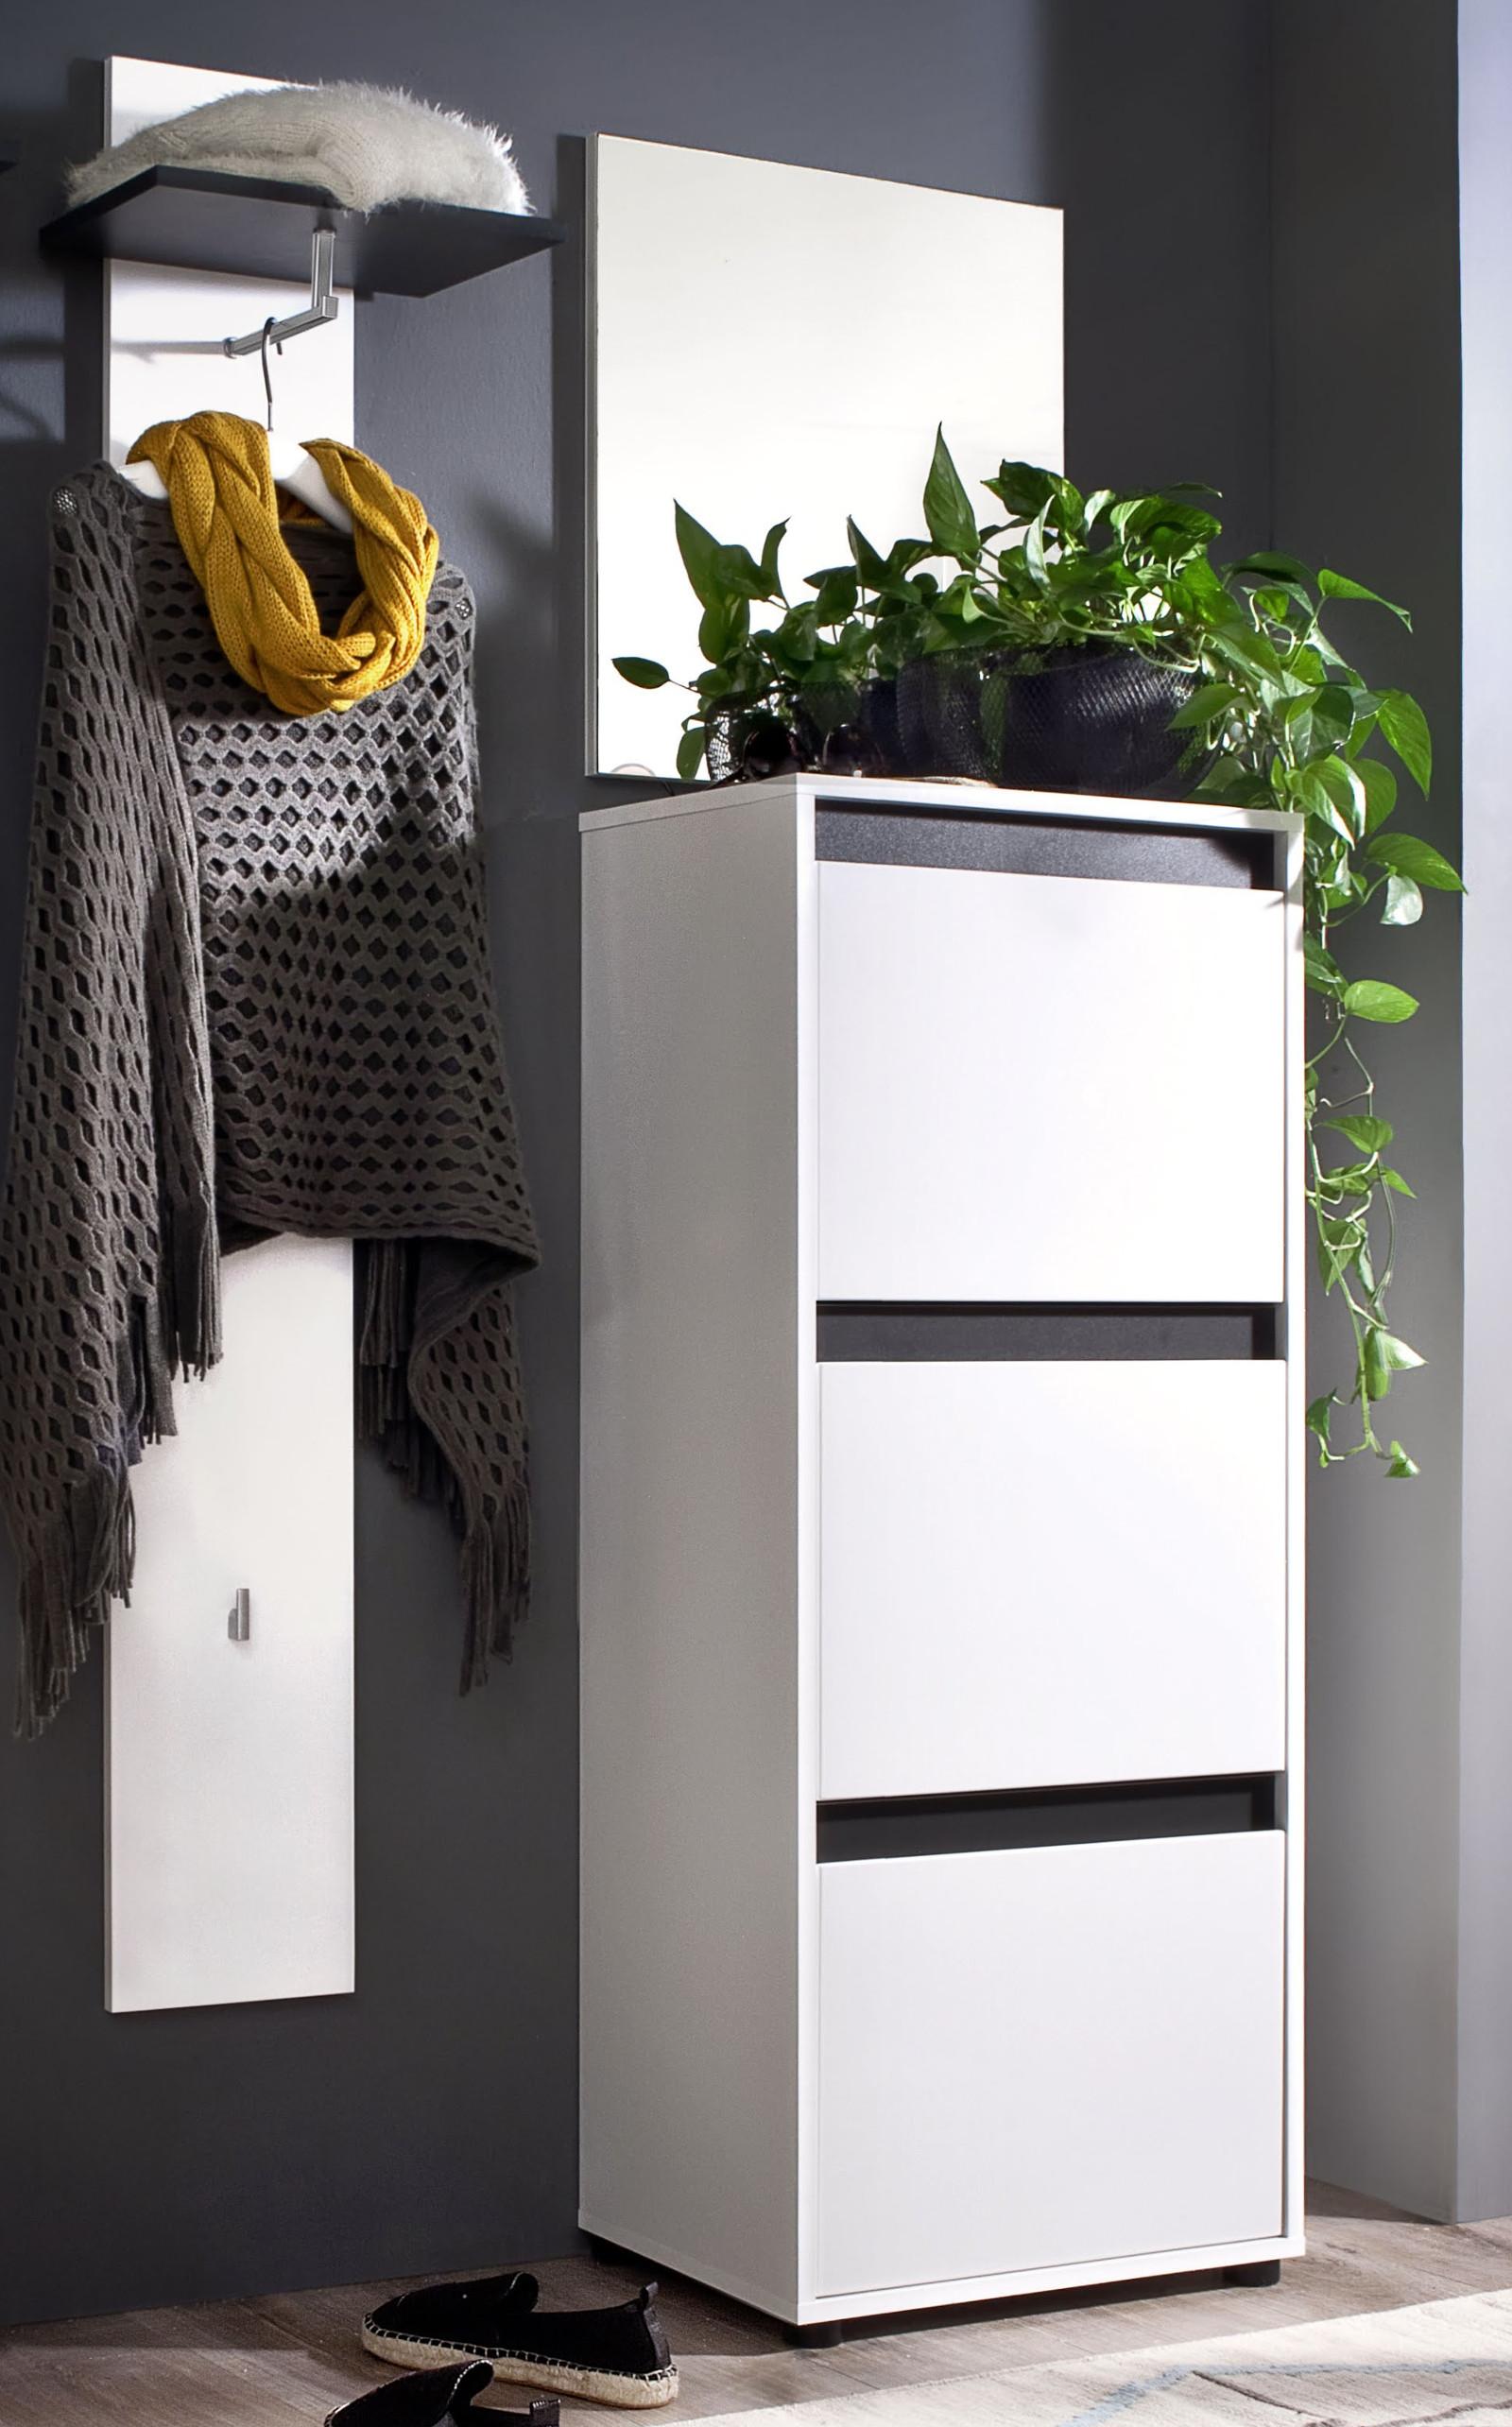 wand garderobenpaneel sol lack hochglanz wei und grau. Black Bedroom Furniture Sets. Home Design Ideas